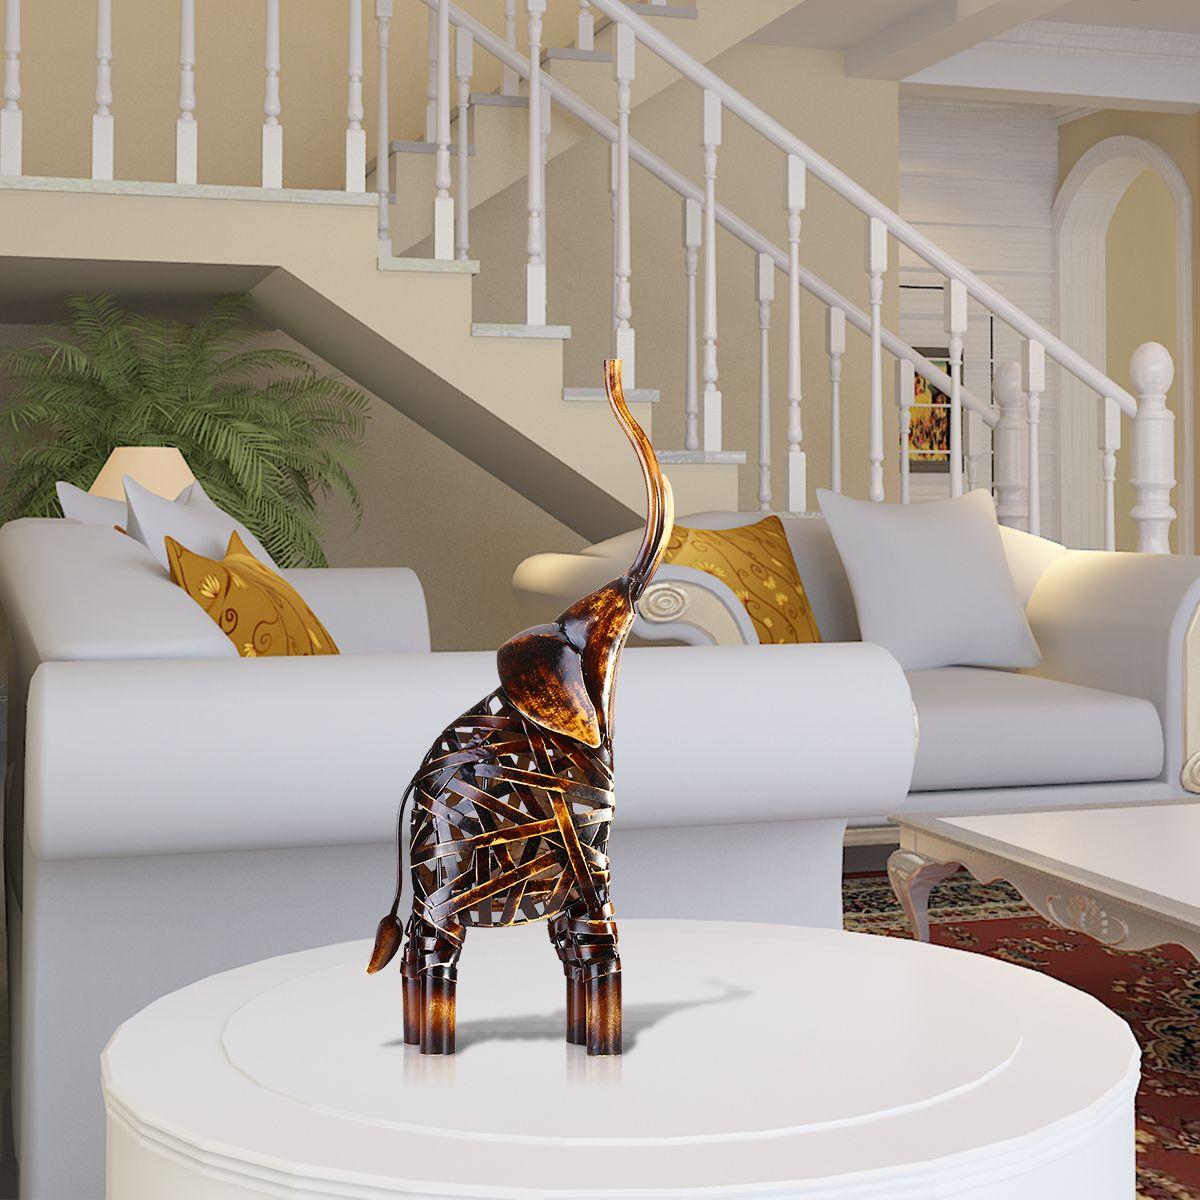 Metallo Tessitura Elephant Opera D'arte In Ferro Fatti A Mano Elefante Scultura Decorazione Della Casa Artigianato Animale Scultura Decorativa di Lavoro Manuale